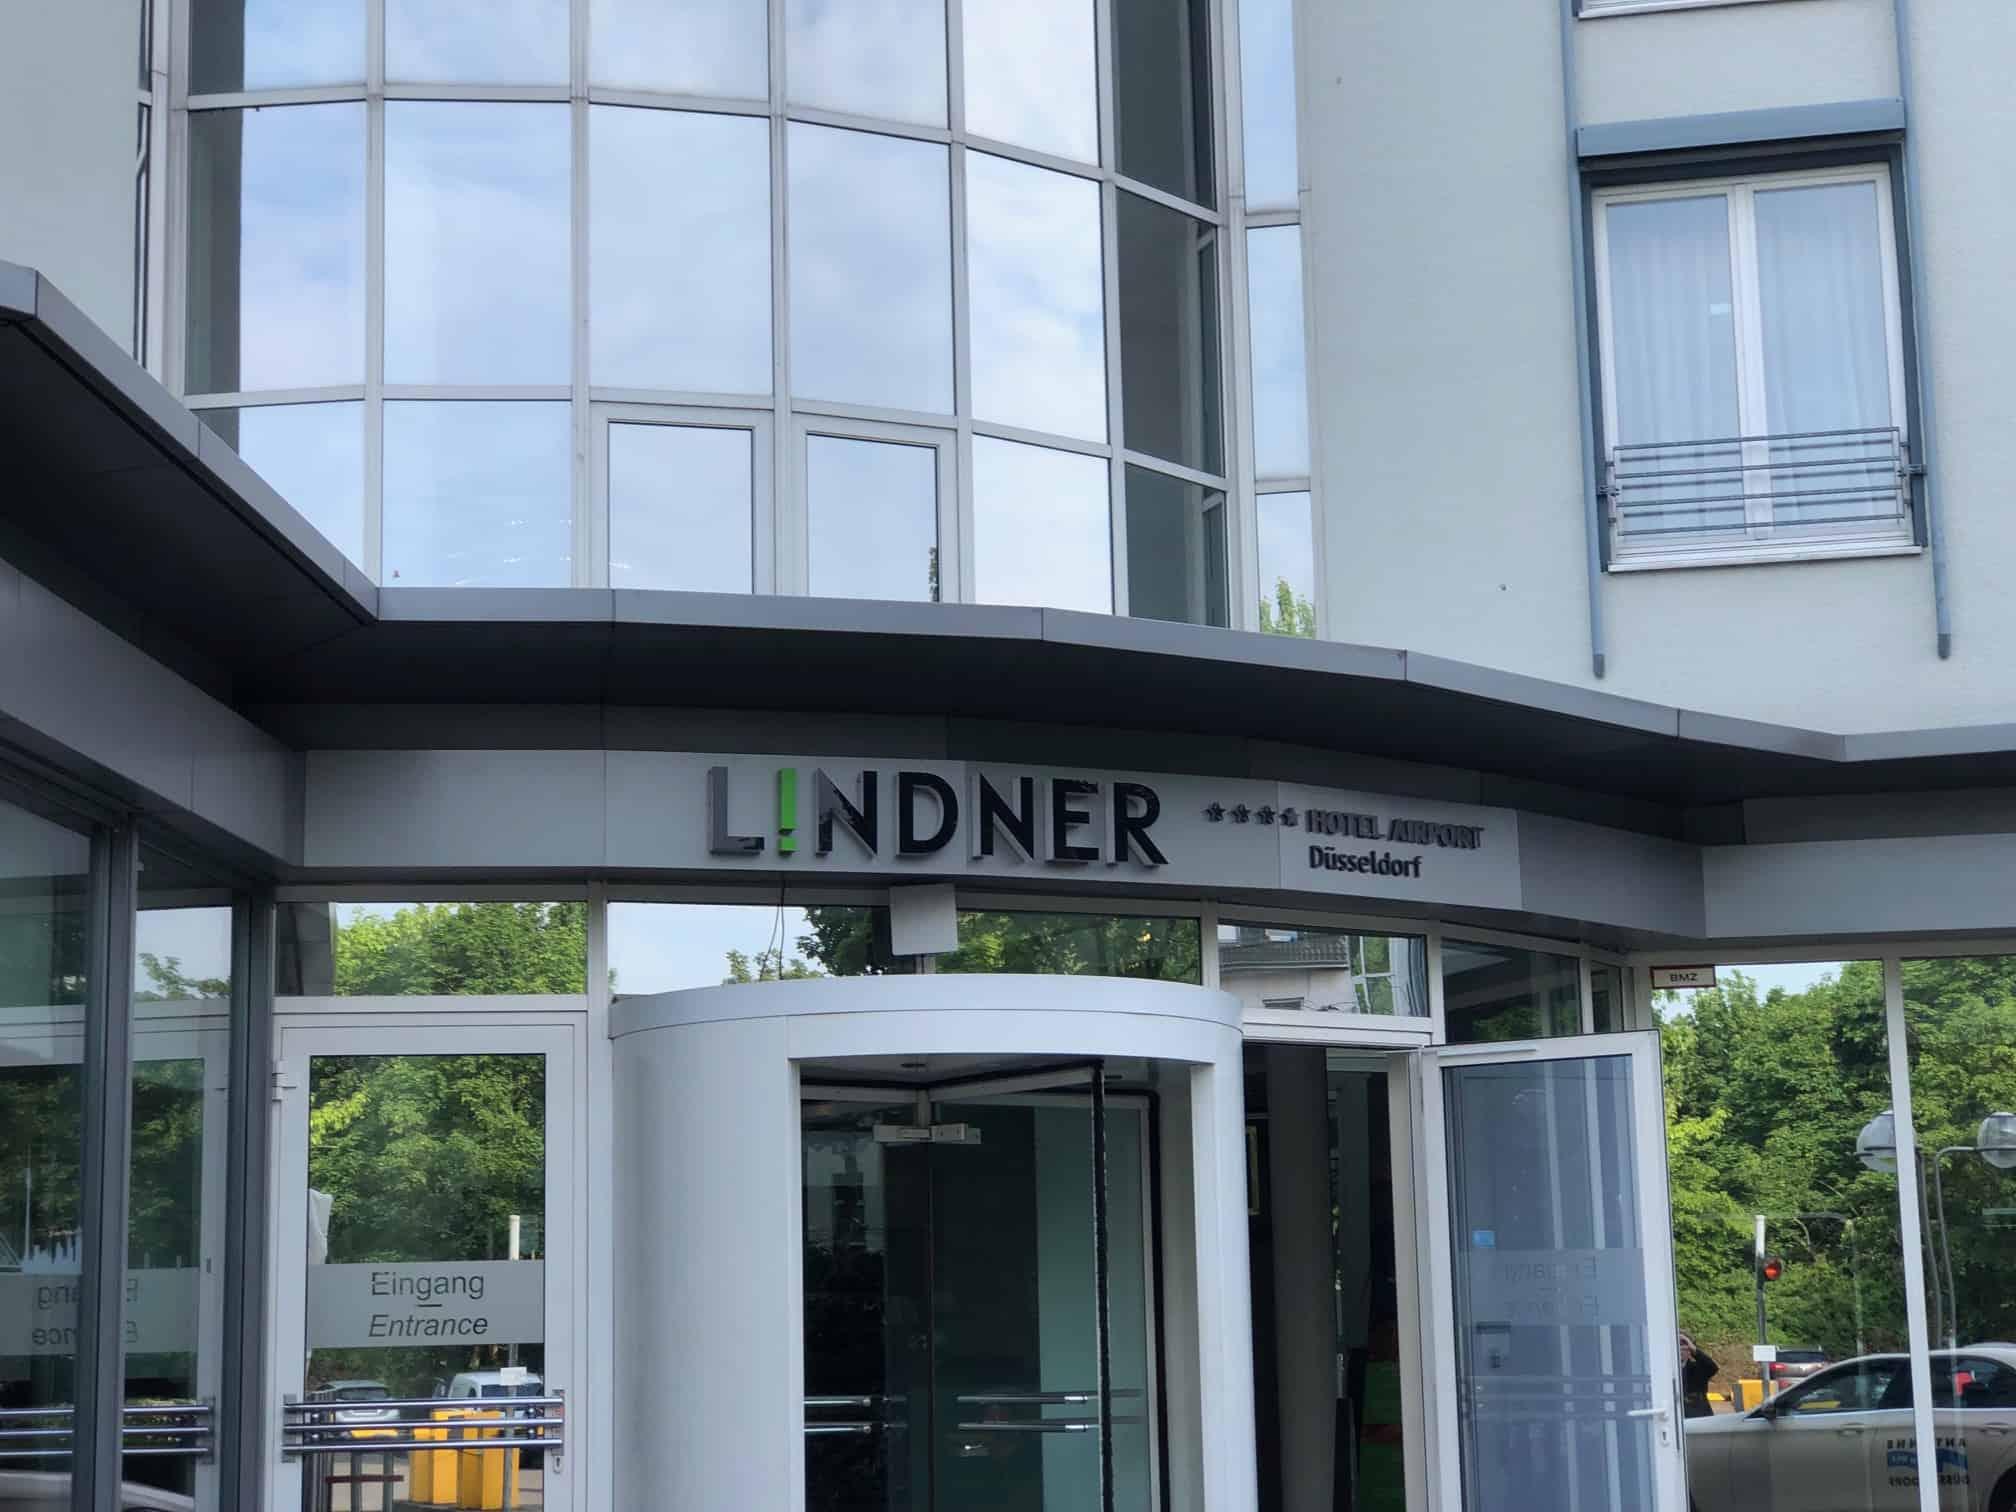 Lindner Hotel Airport Düsseldorf